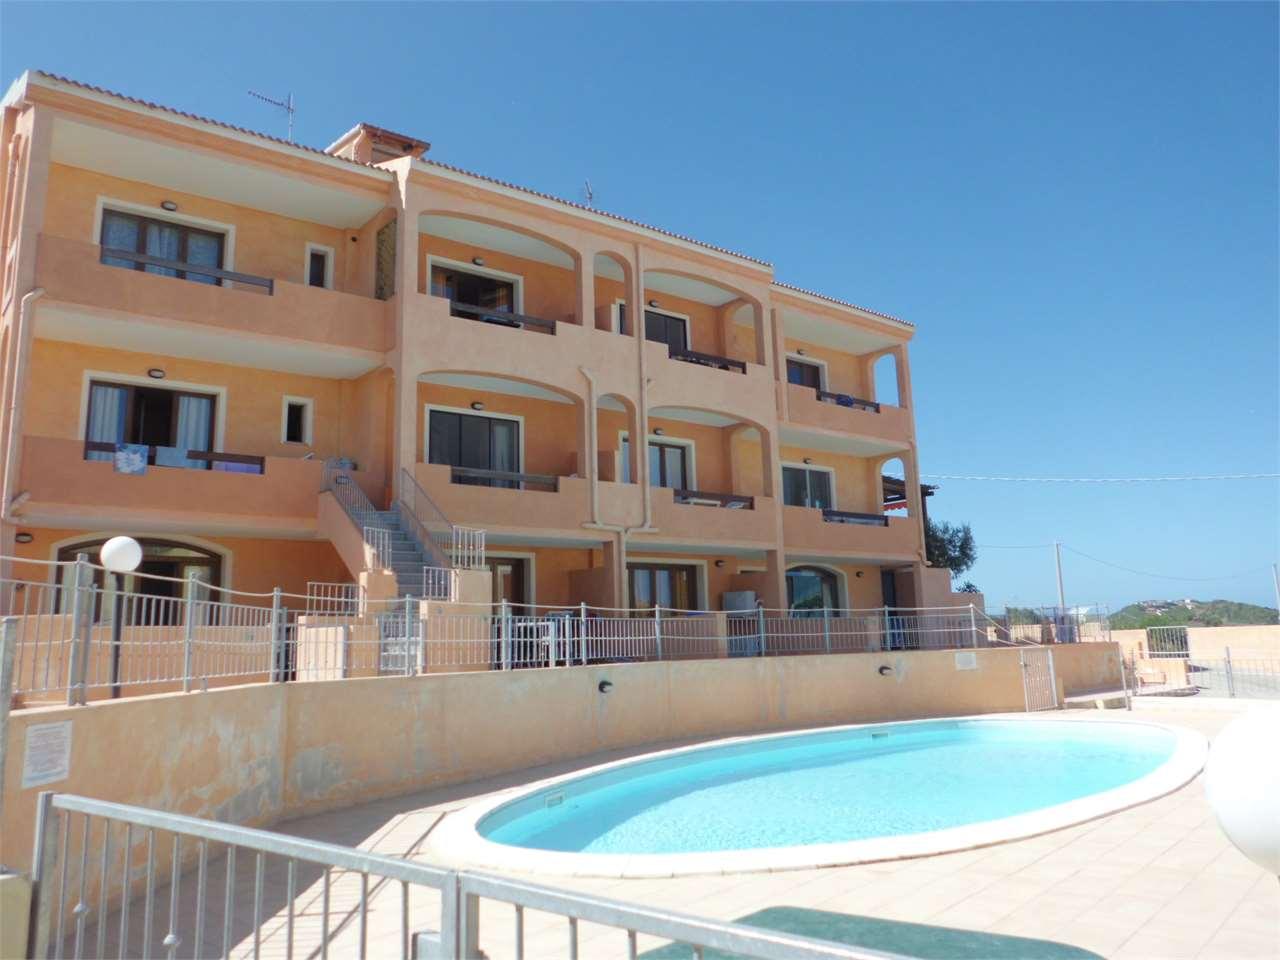 Appartamento in affitto a Castelsardo, 2 locali, prezzo € 300 | Cambio Casa.it